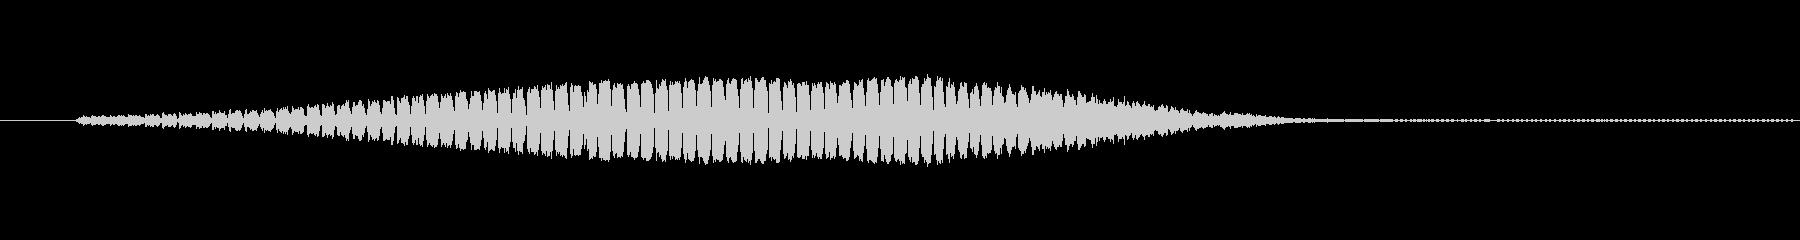 スペースエイリアン電子の未再生の波形